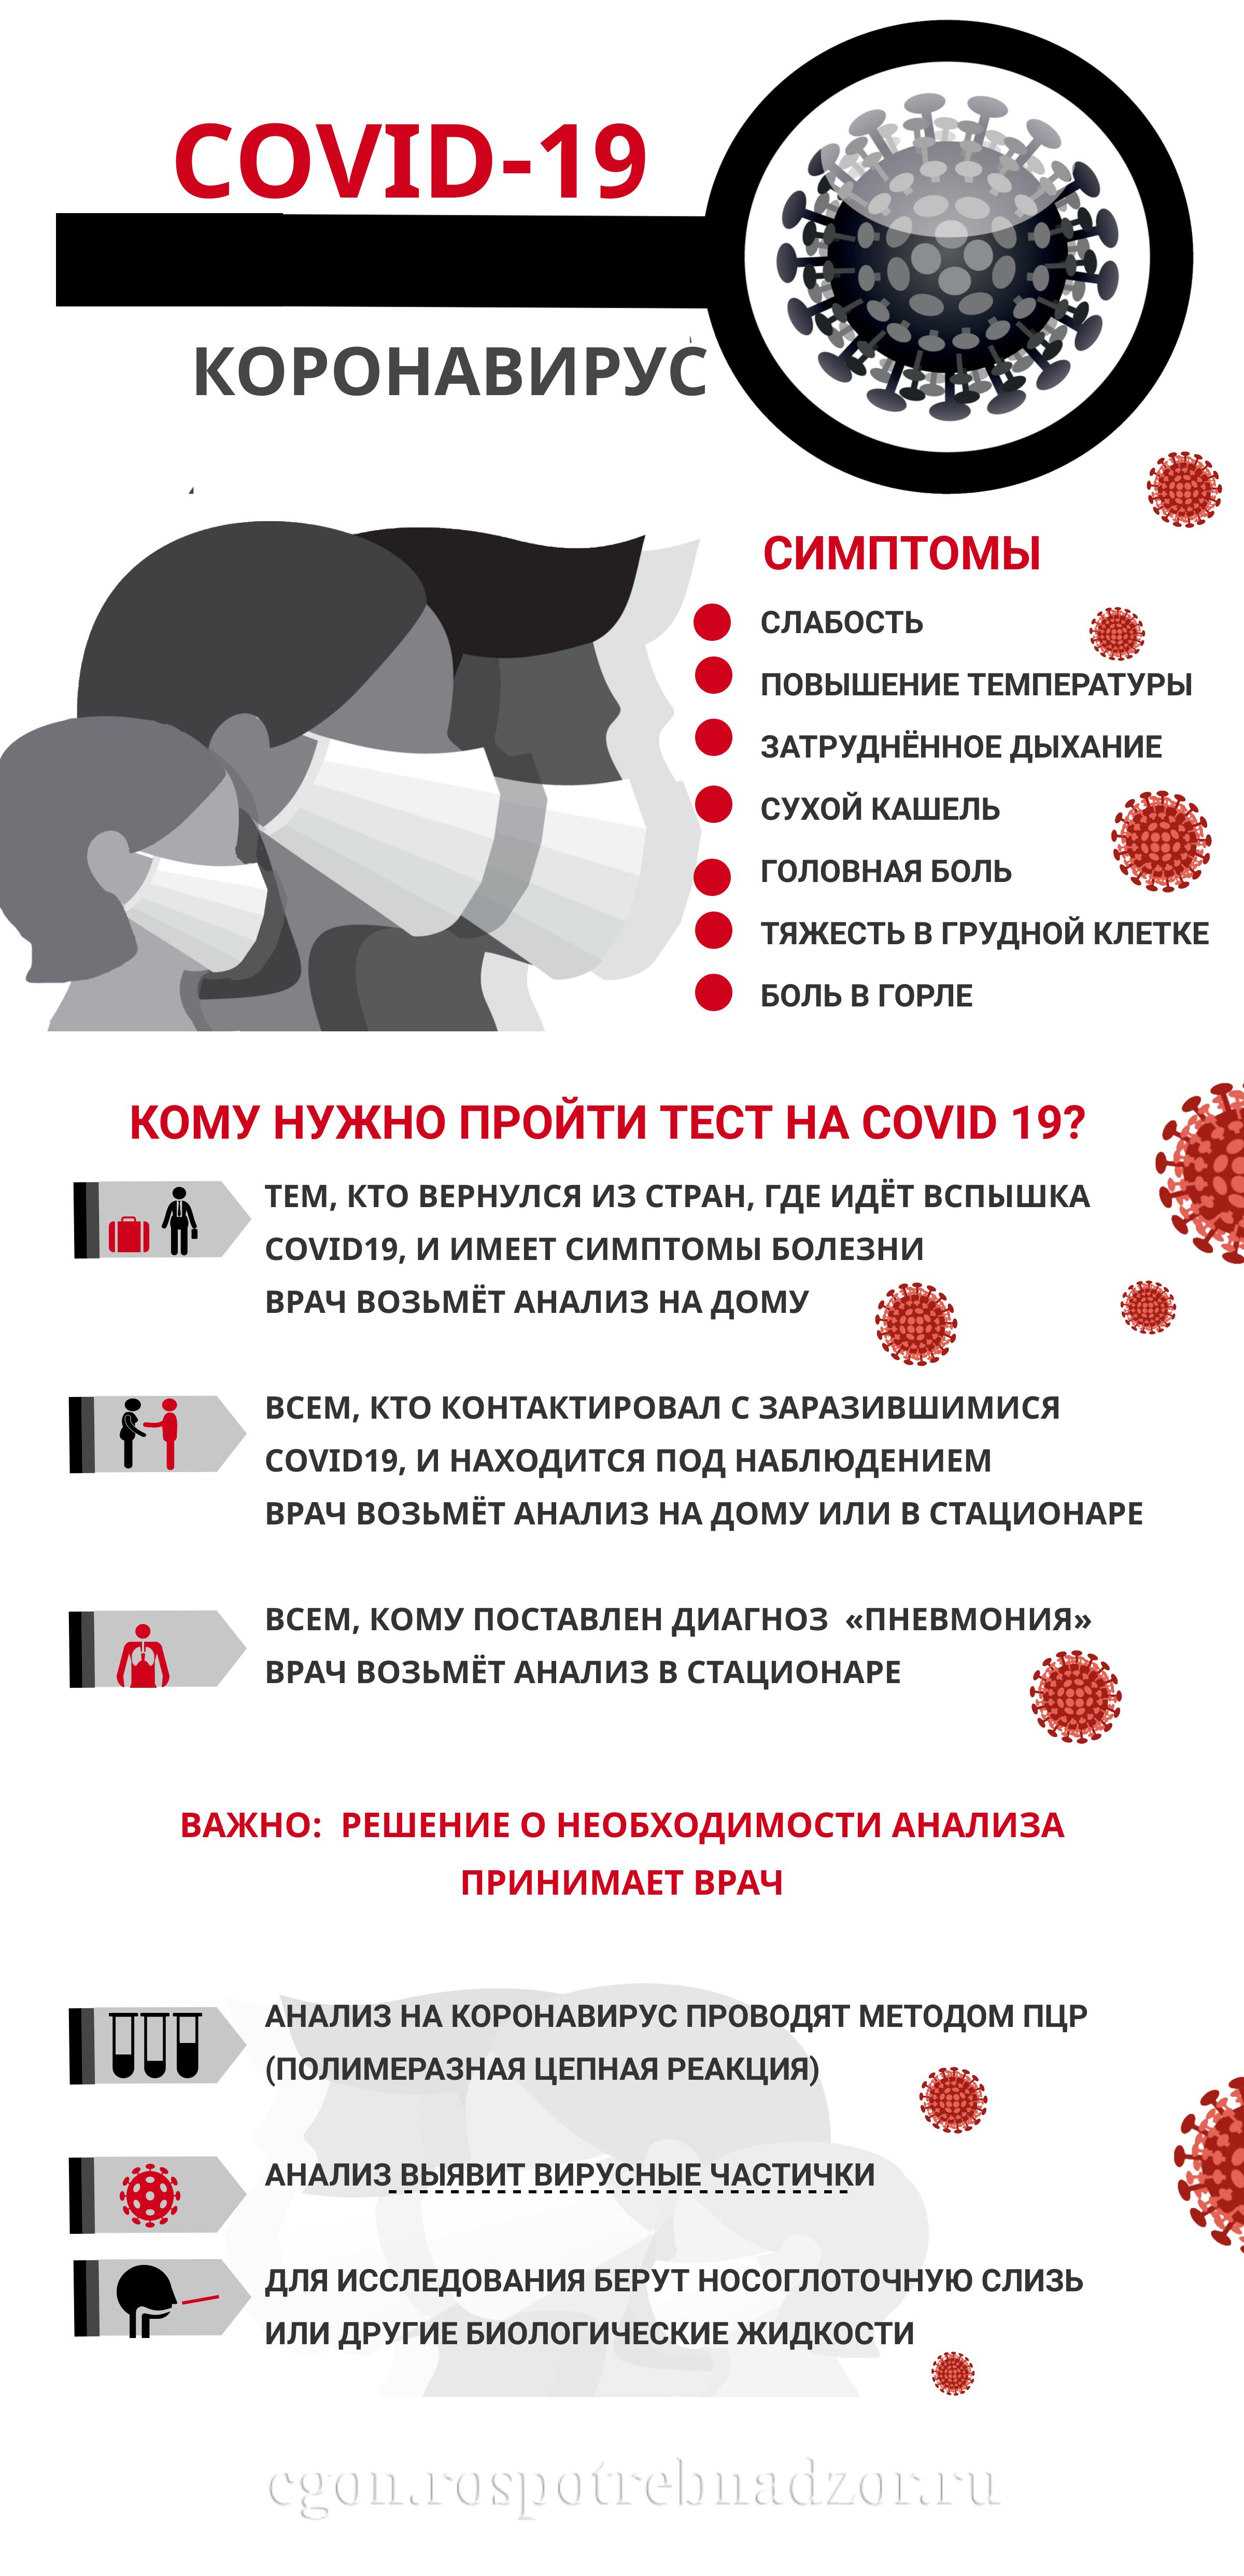 Как избежать и спастись от коронавируса, официальные лекарства, народные средства и методы чтобы не заразиться